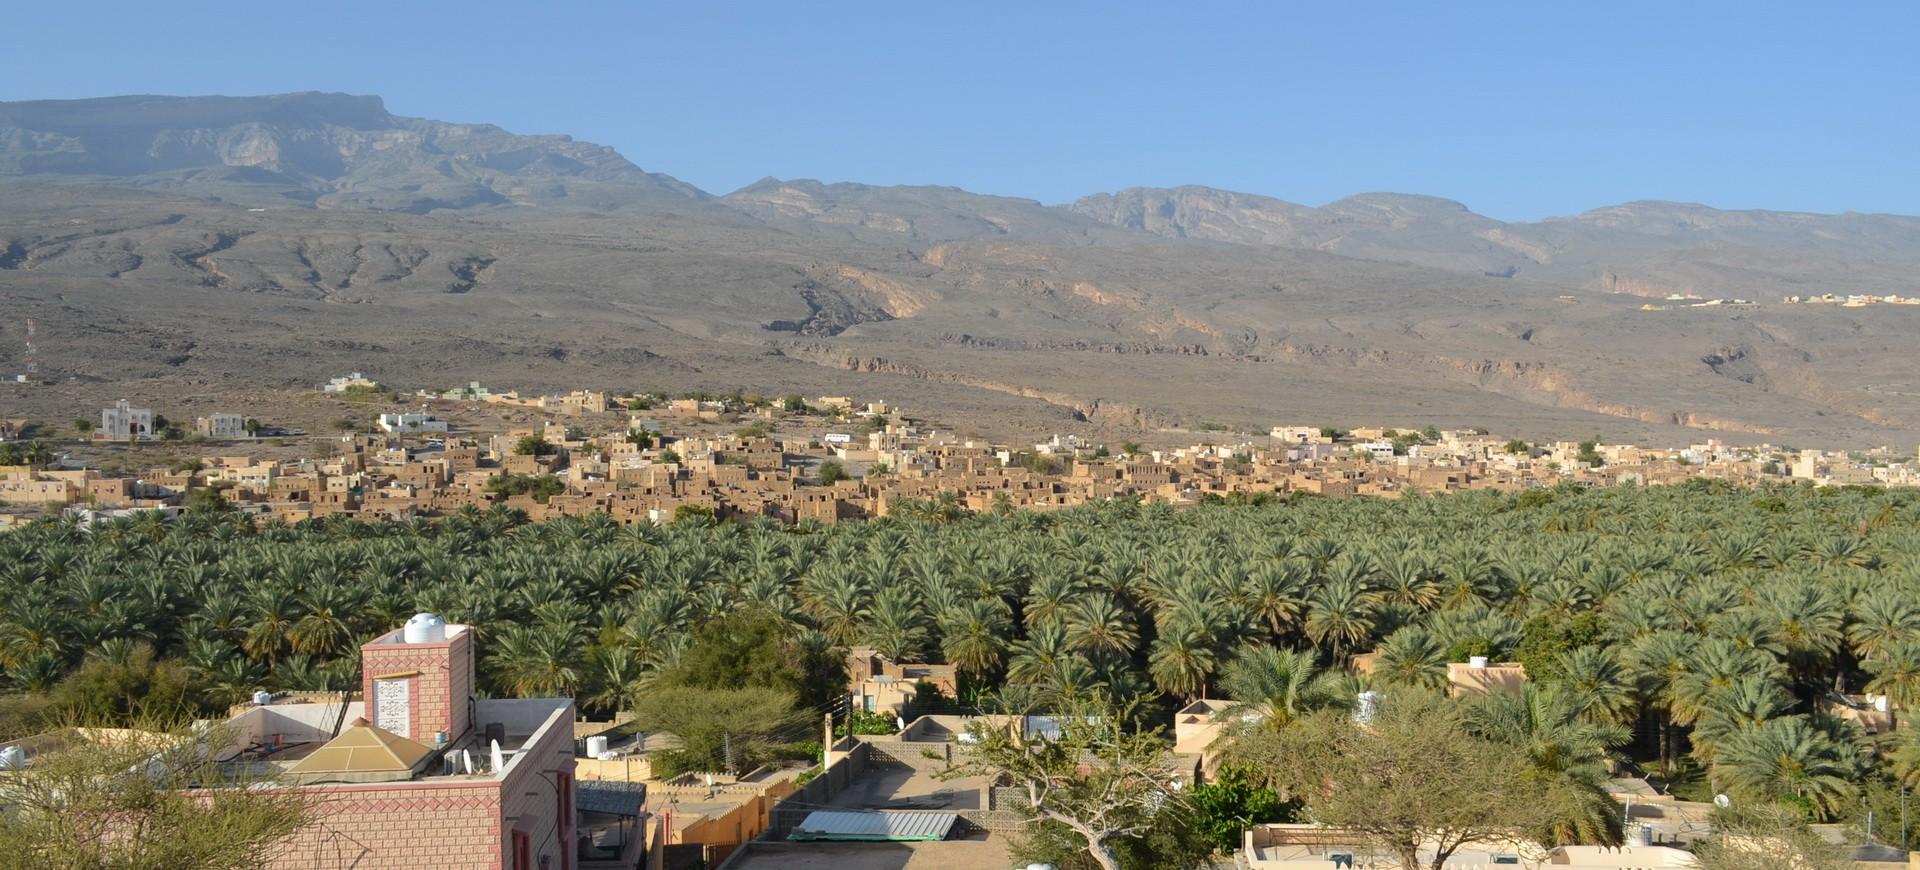 Jabal Akhdar à Oman